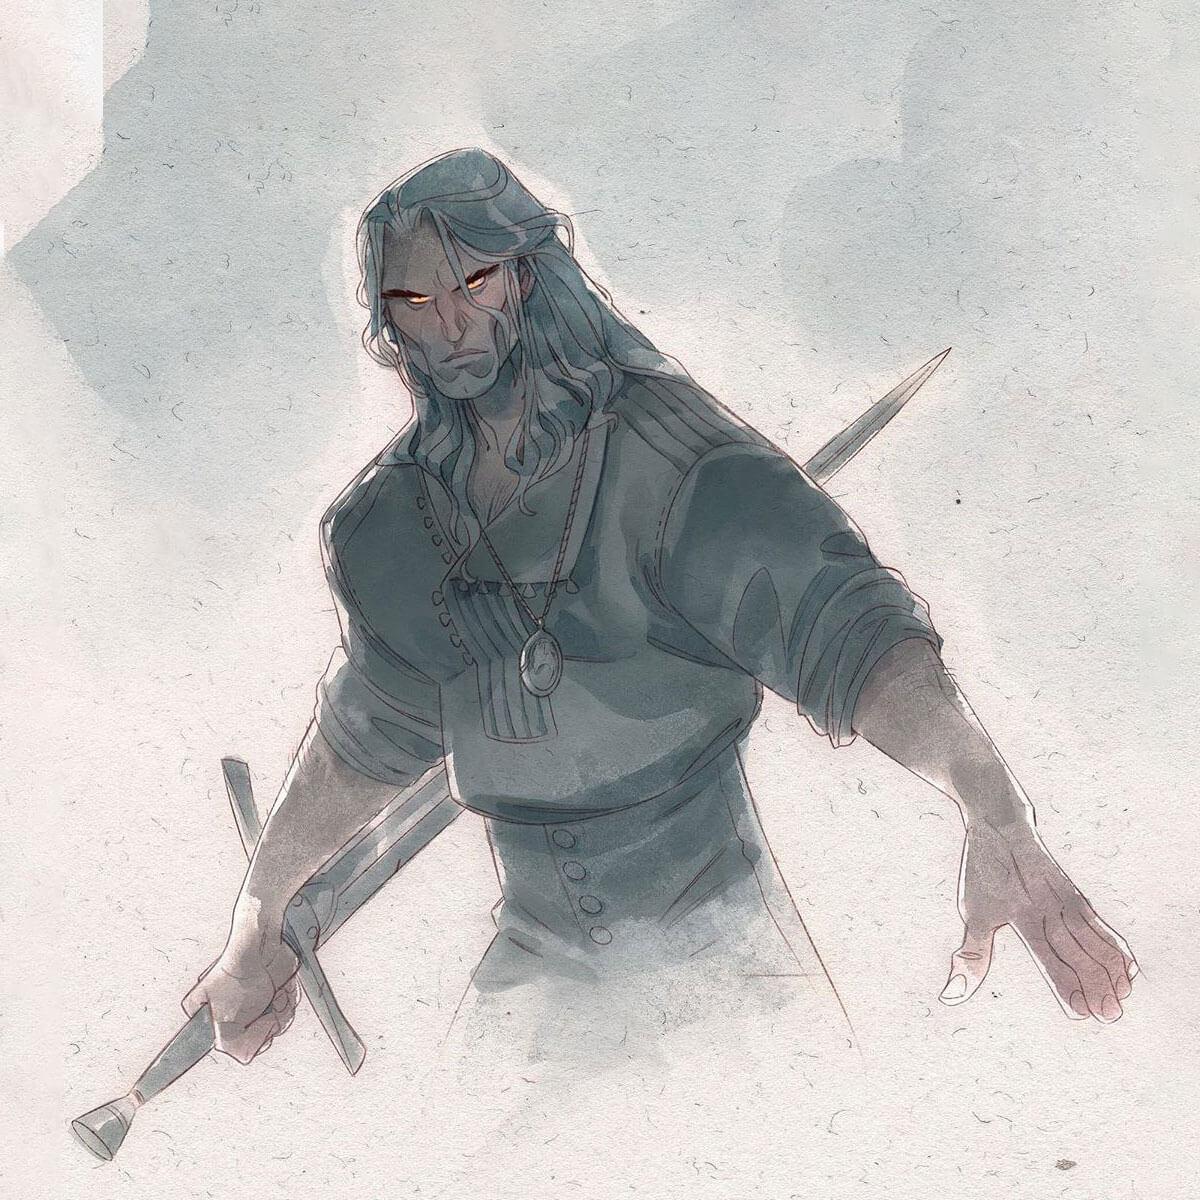 The Witcher fan art by Nicholas Kole